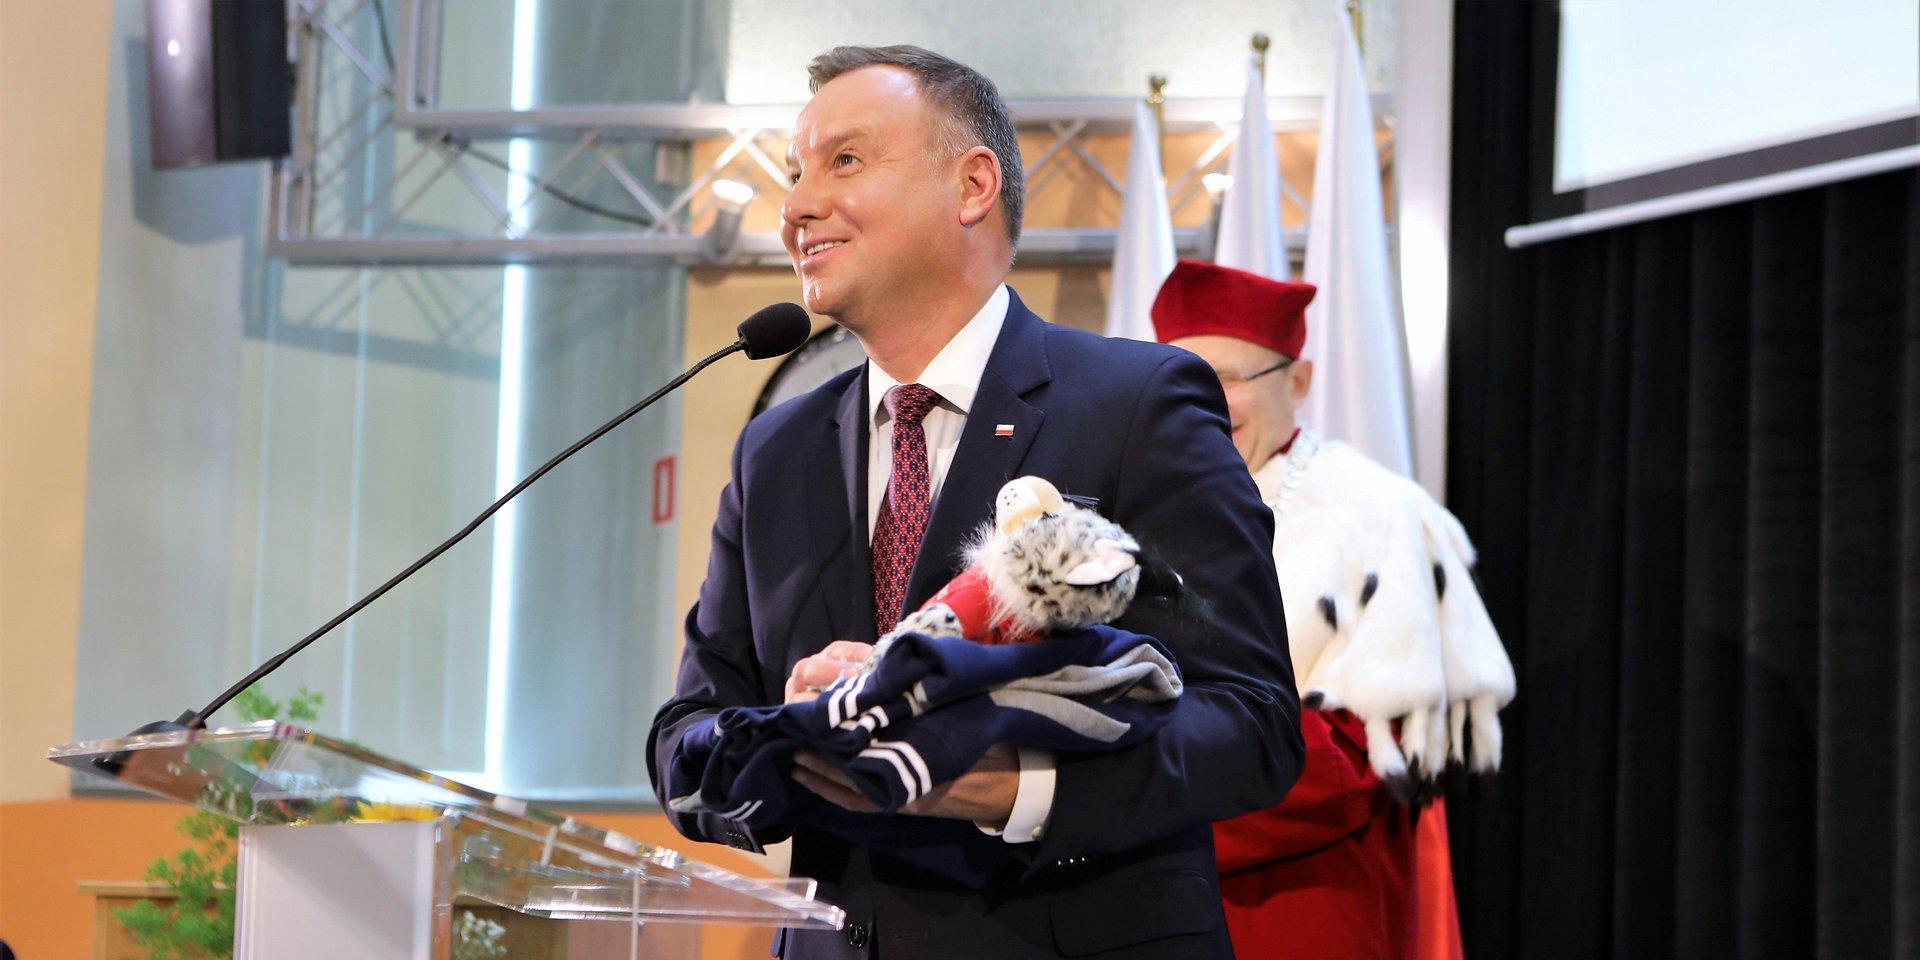 Inauguracja roku akademickiego 2019/20 na Uczelni Łazarskiego